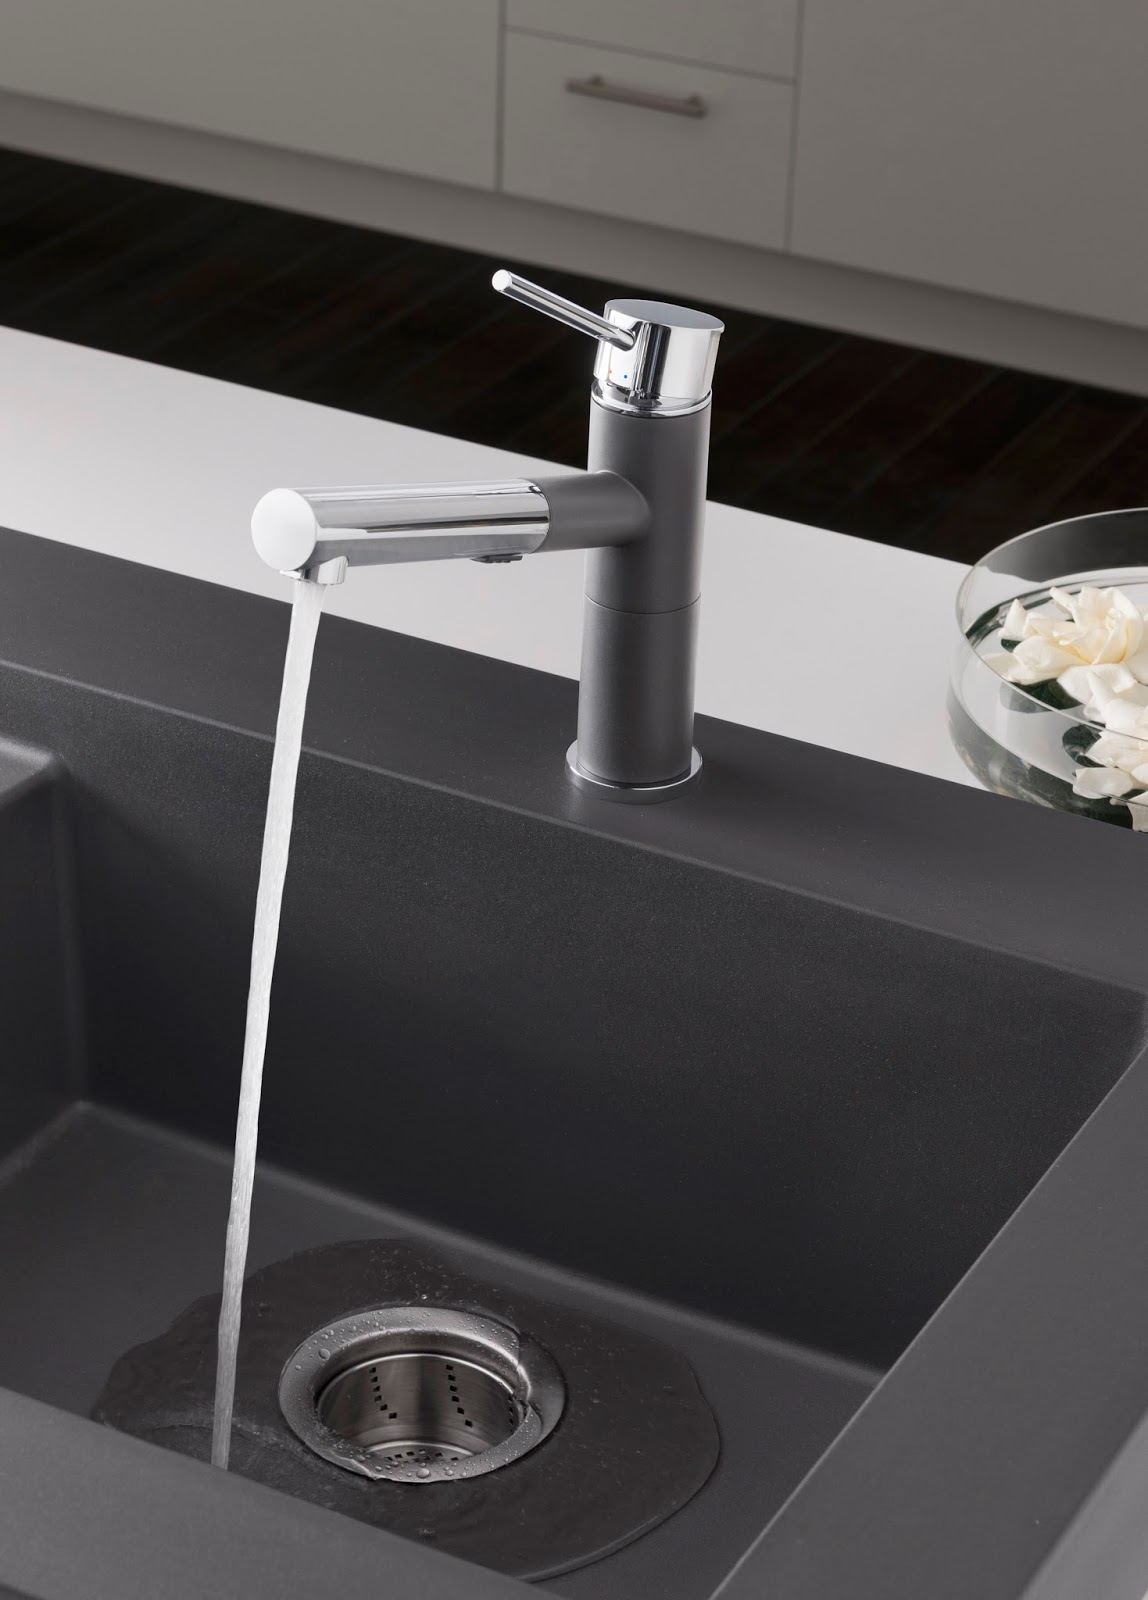 Blanco Silgranit sink in cinder (on my kitchen remodel wish list!)